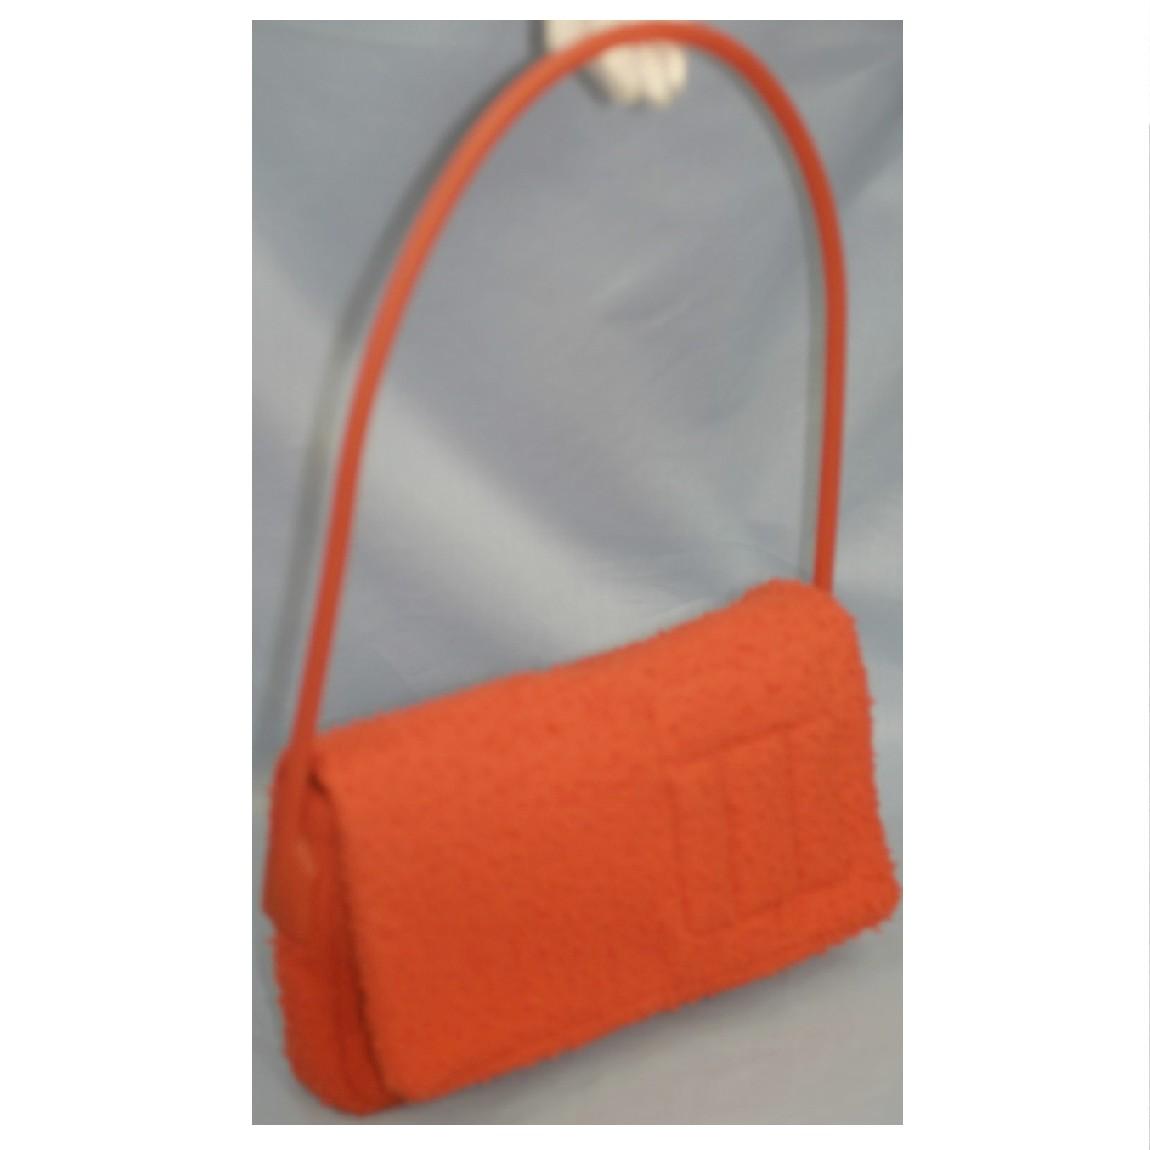 【中古】本物綺麗ミュウミュウオレンジ色ツイード素材のような質感x丈夫なラバー素材長い持ち手の29センチセミショルダー